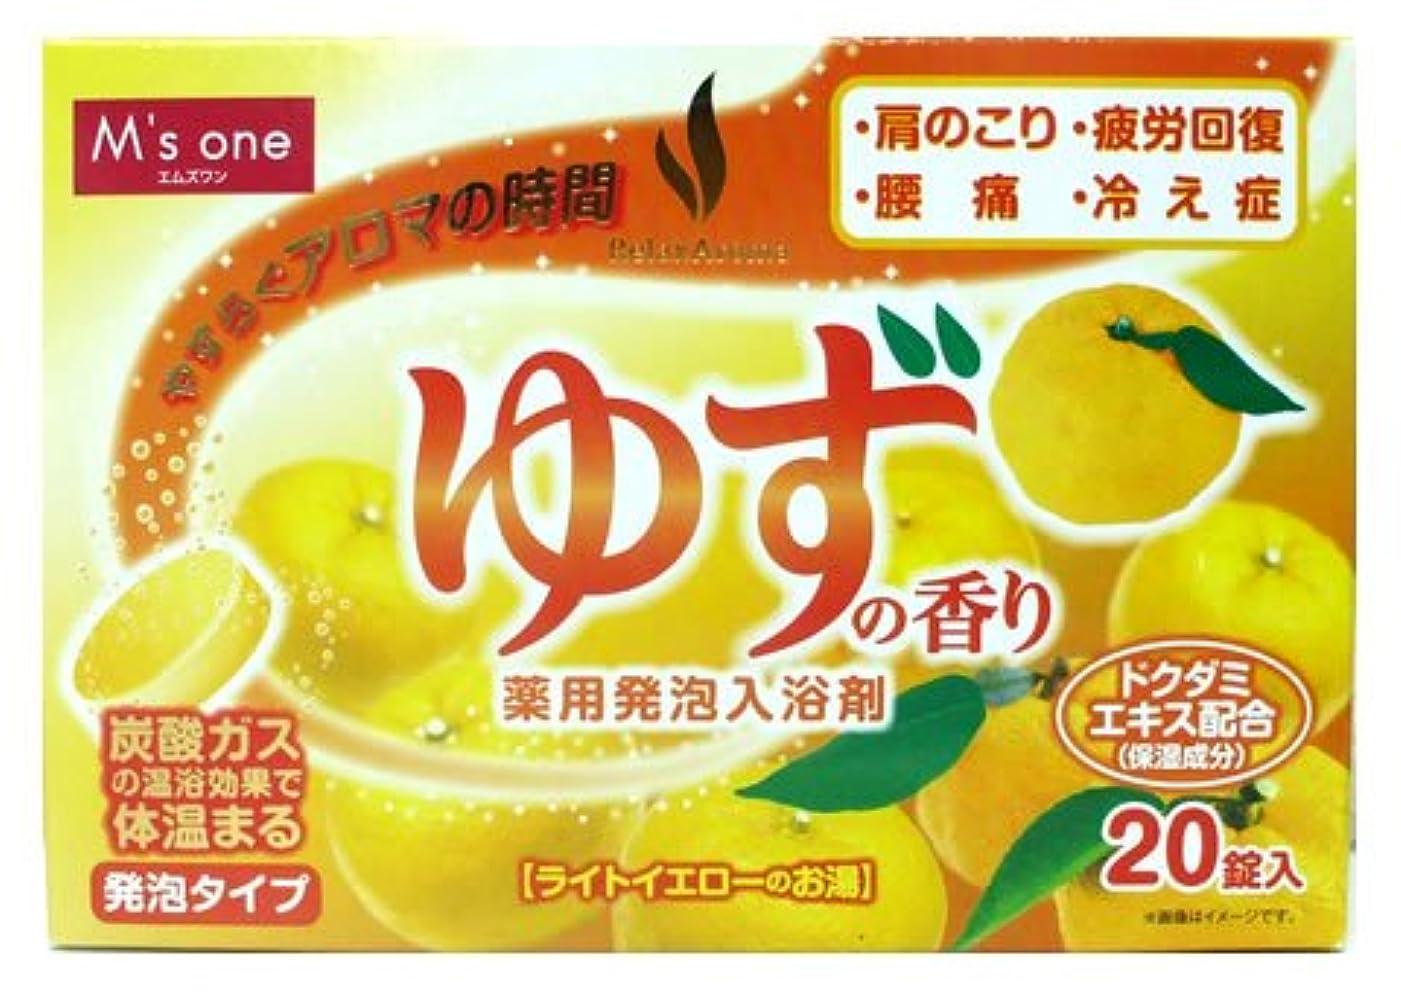 怒る後方に市場エムズワン 薬用入浴剤 柚子の香り 発泡入浴剤 (40g×20錠入) 【医薬部外品】